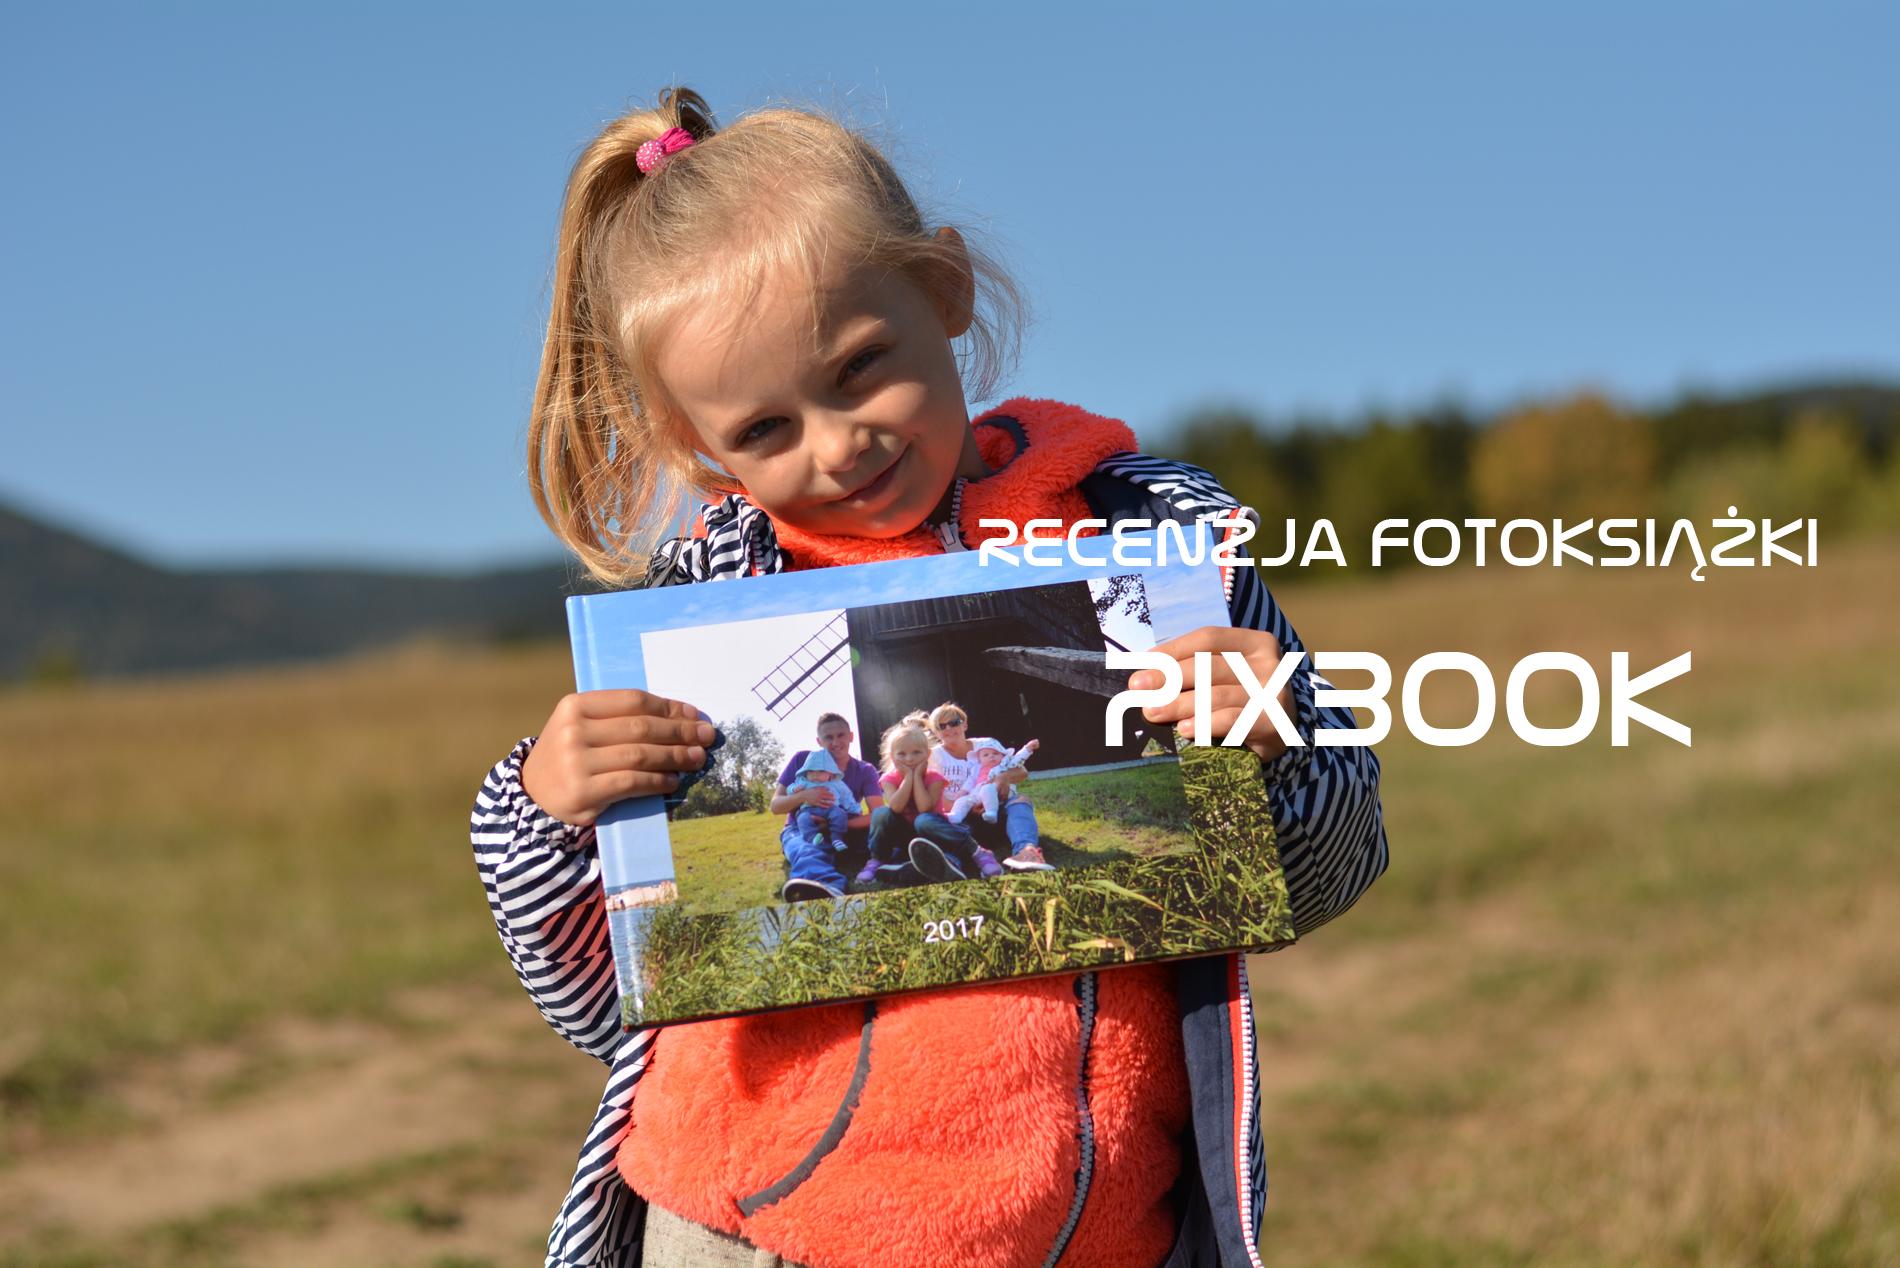 Recenzja fotoksiążki Pixbook